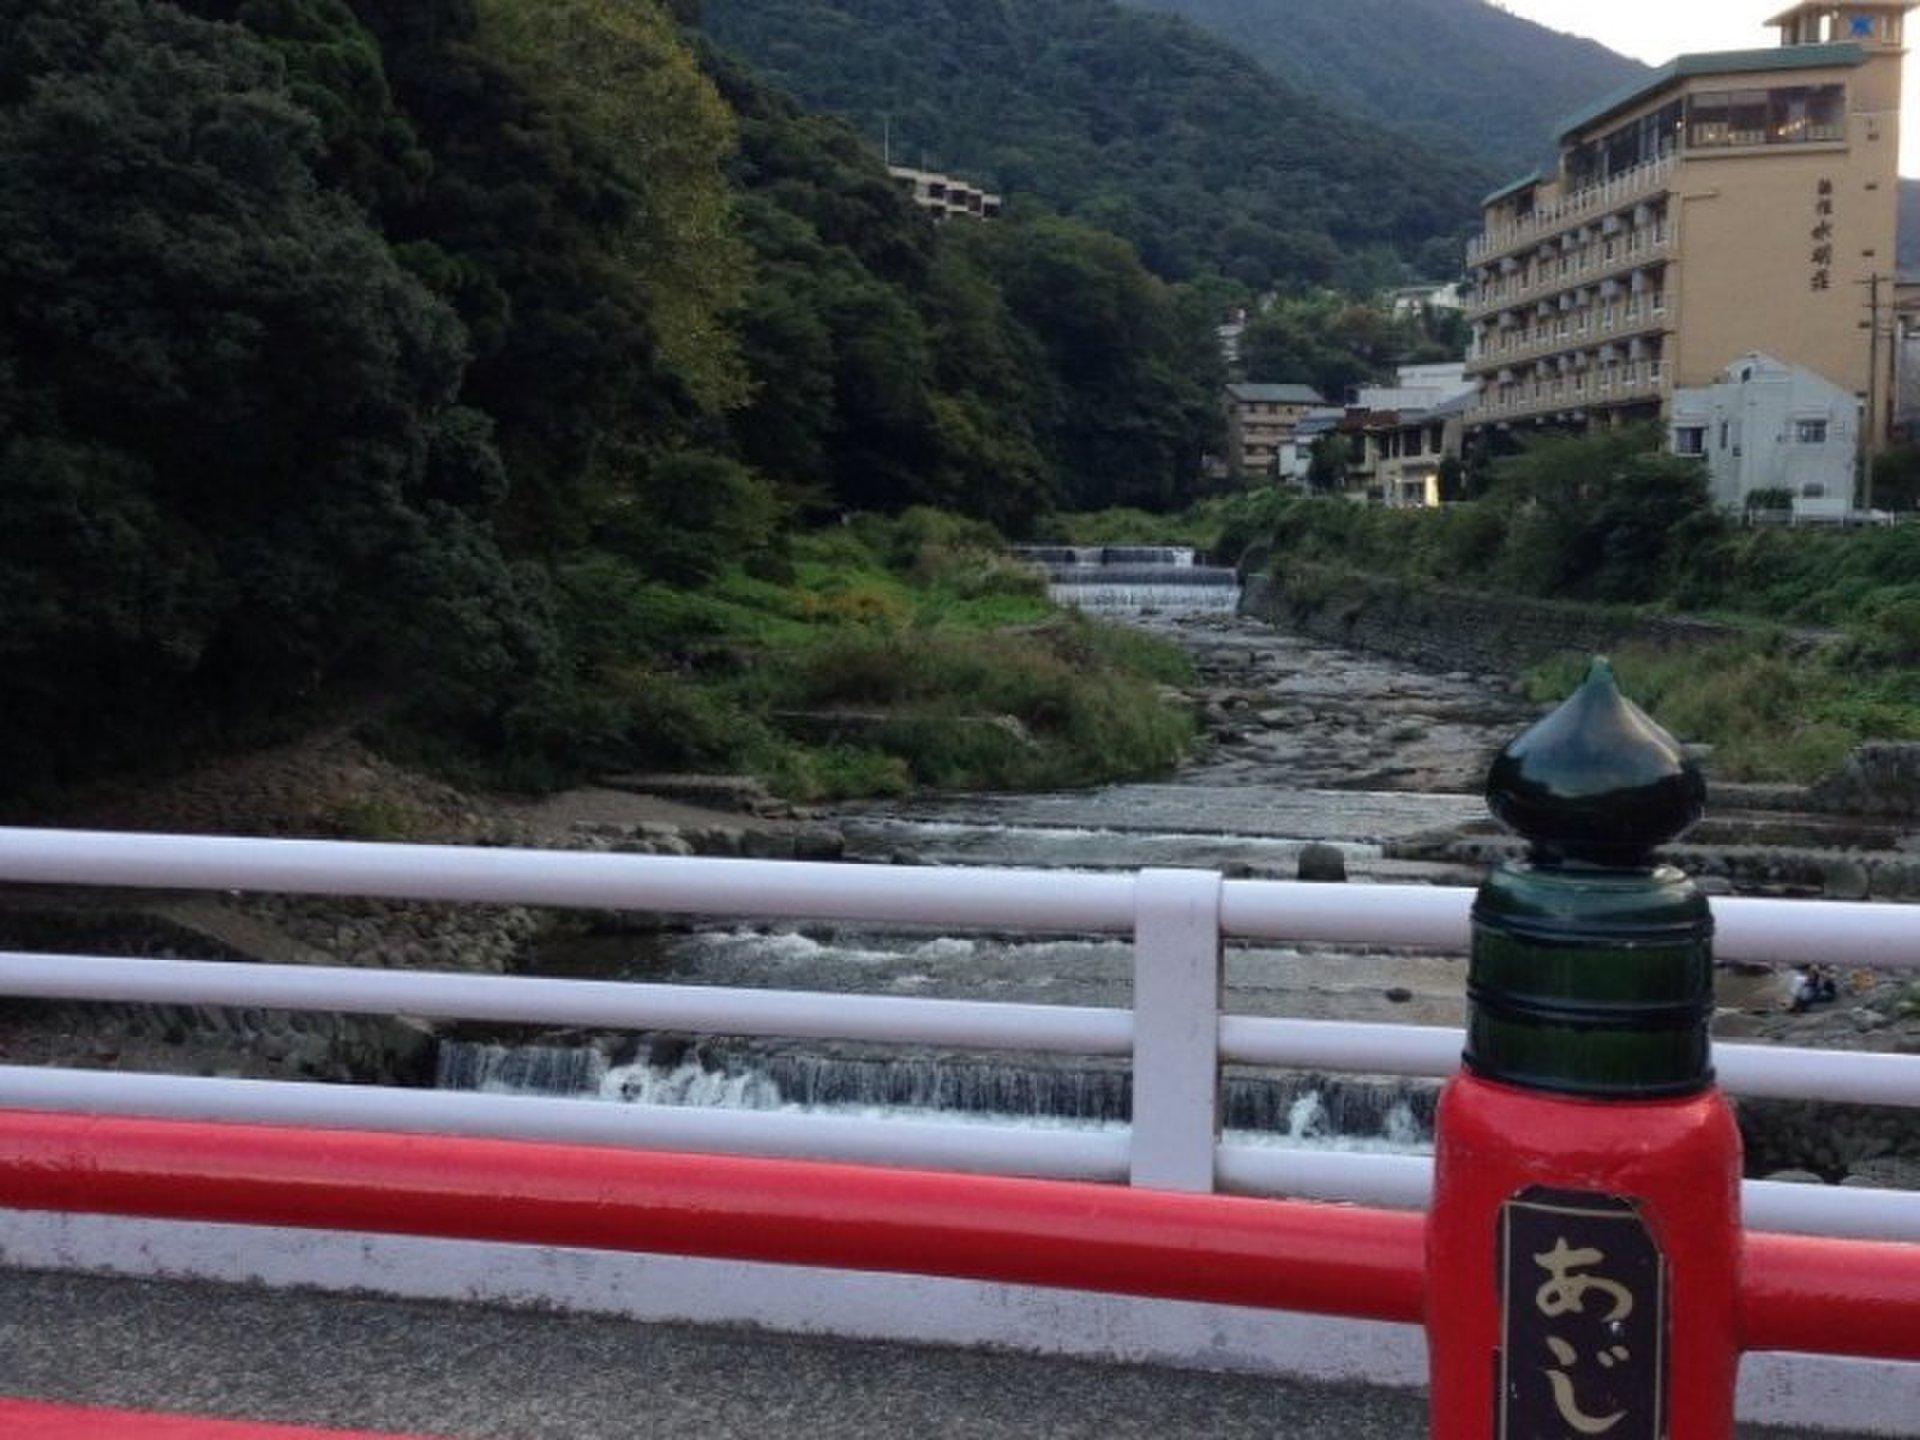 友達とわいわいできる?観光地・箱根の温泉レジャー施設ユネッサン!!